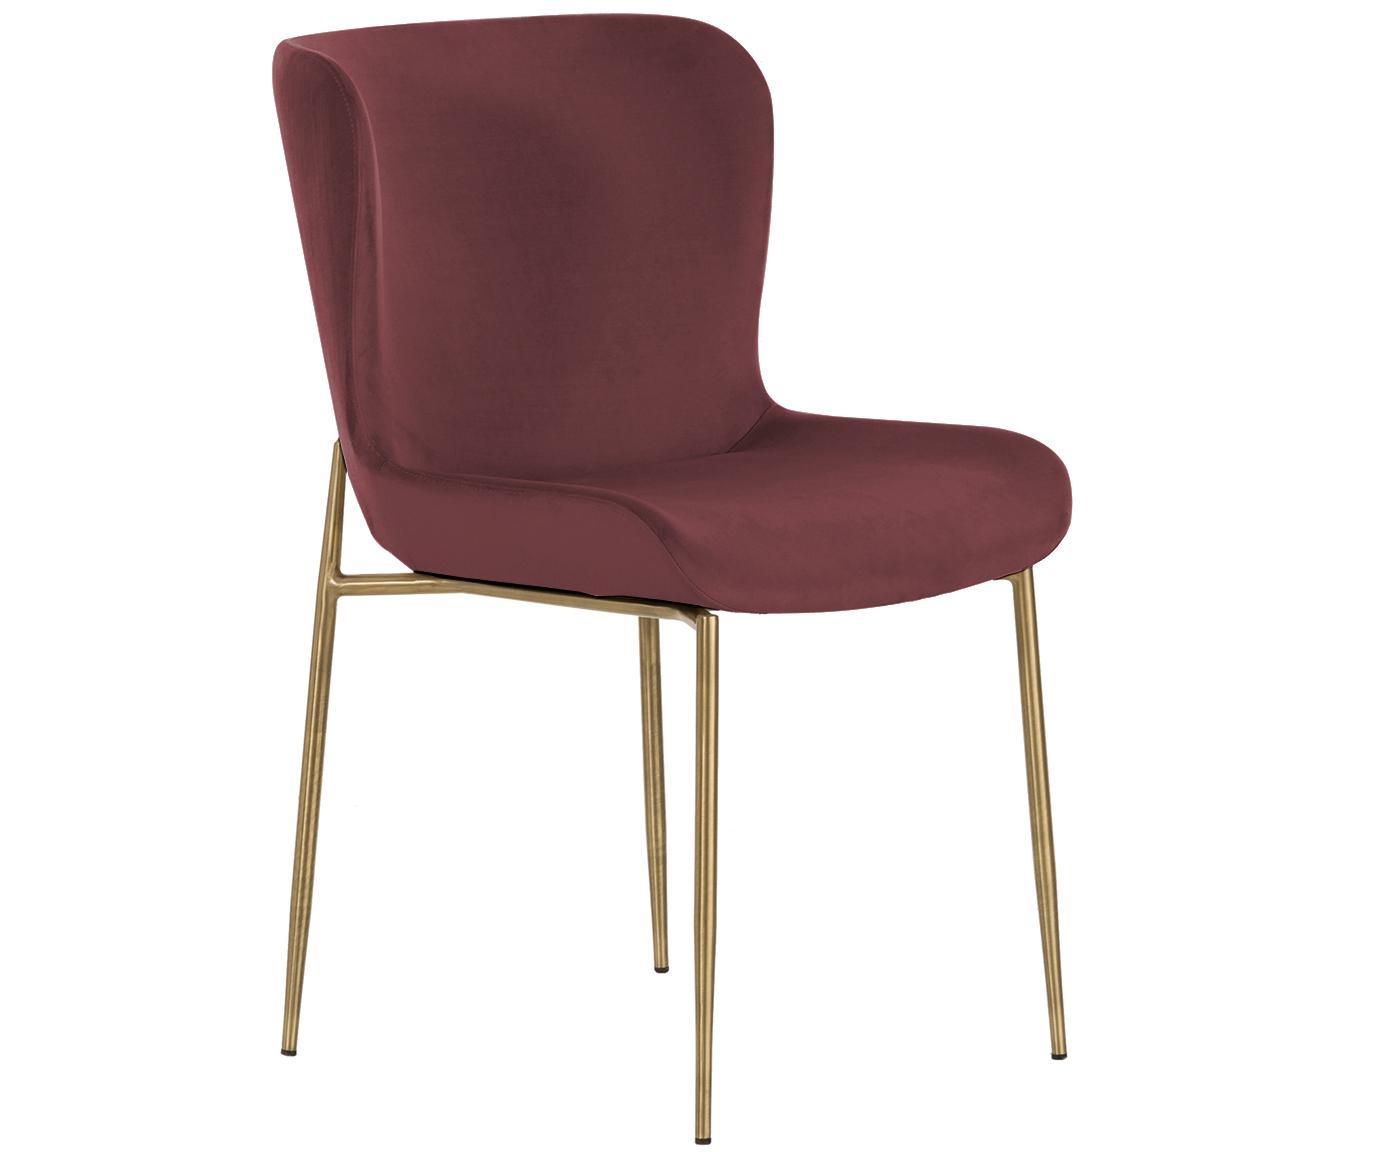 Krzesło tapicerowane z aksamitu Tess, Tapicerka: aksamit (poliester) 3000, Nogi: metal powlekany, Aksamitny bordowy, nogi: złoty, S 48 x W 84 cm